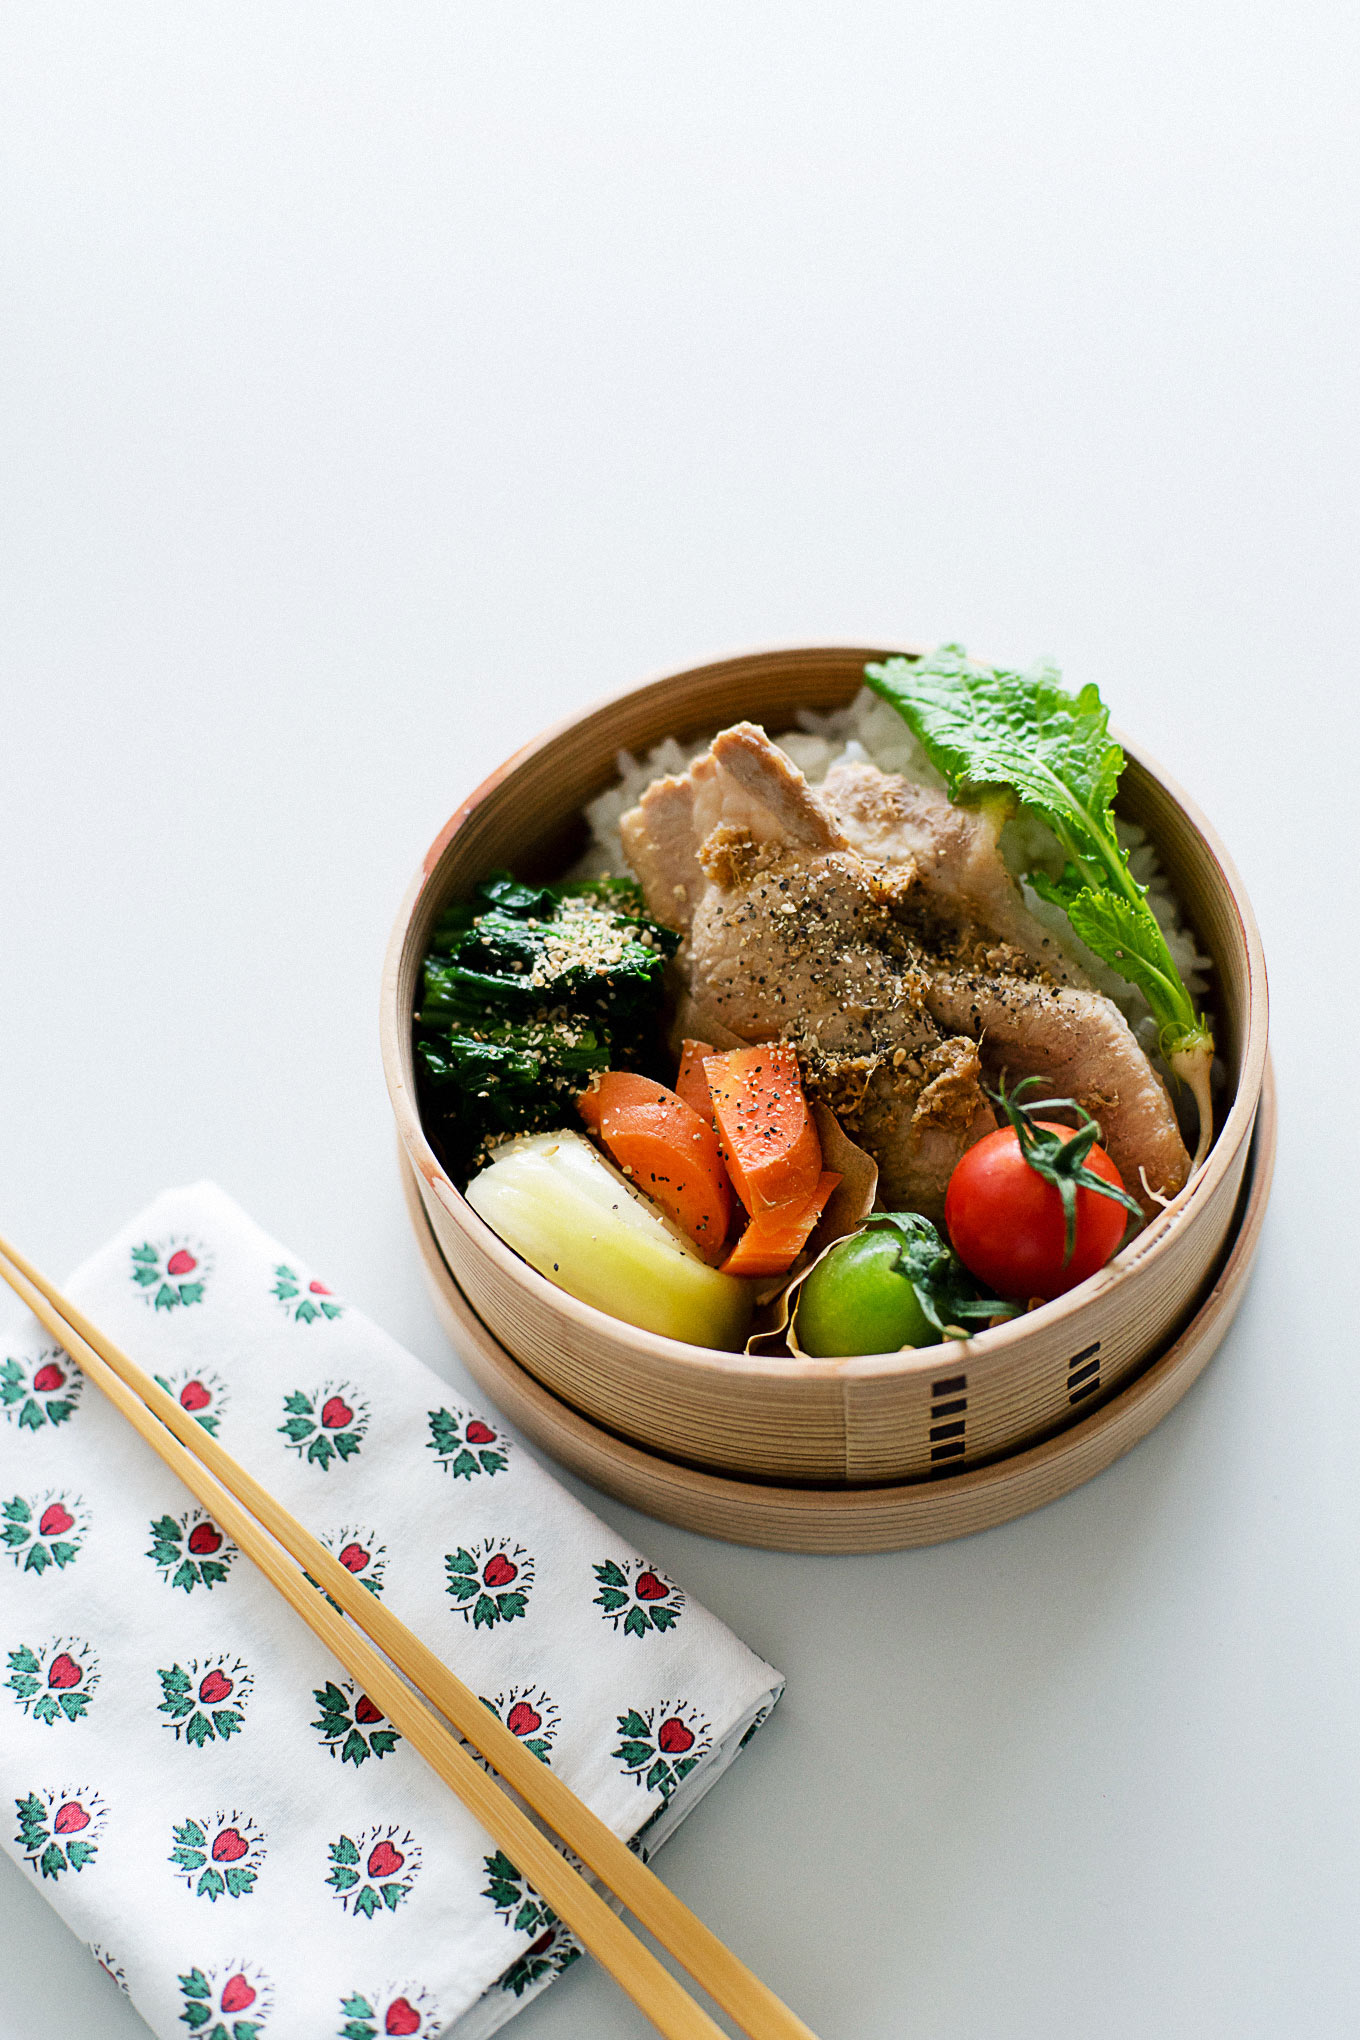 how-to-make-ginger%e2%80%90fried-pork-bento-20